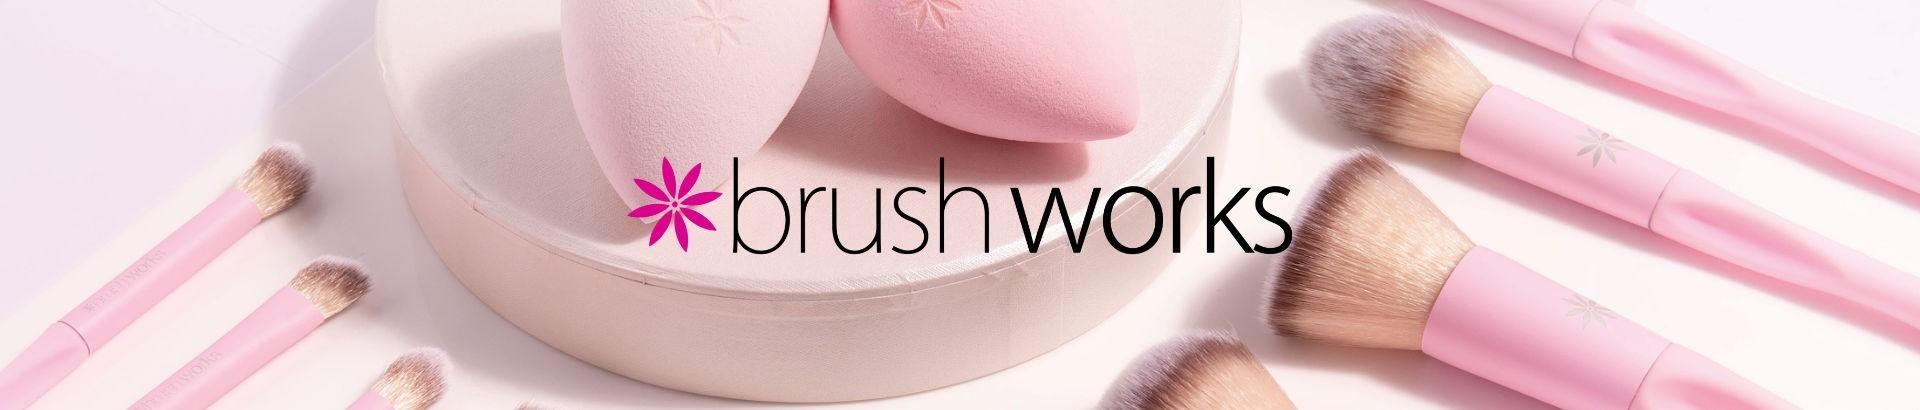 France Maia - Brushworks